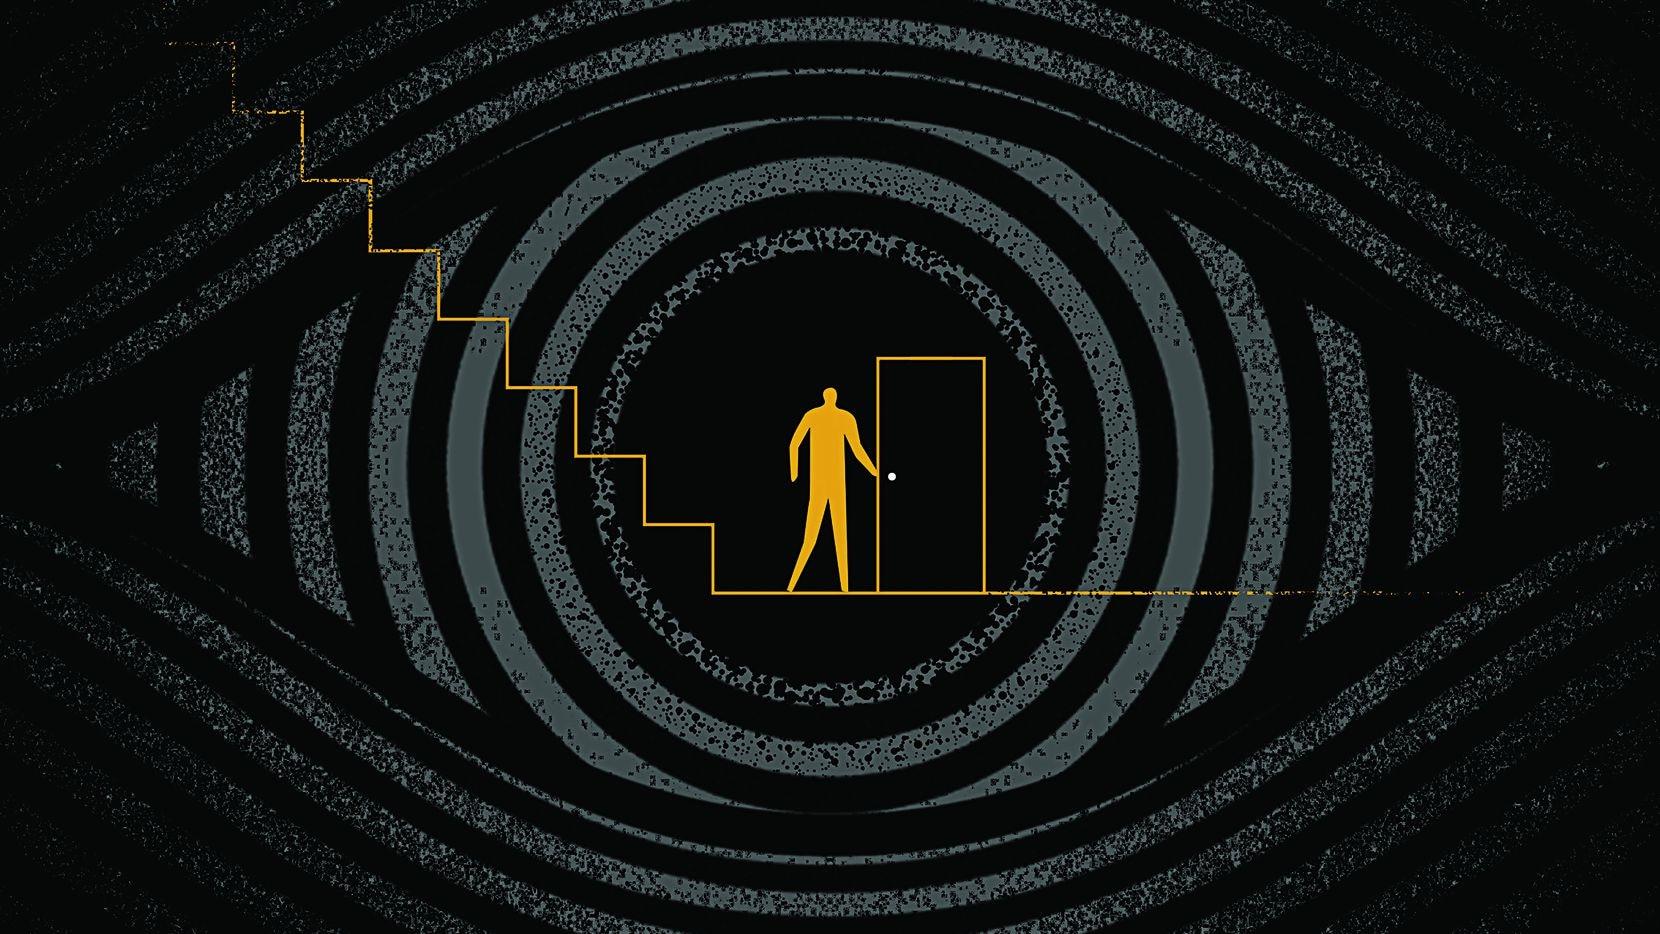 Hipnosis investigativa, una práctica considerada deficiente por investigadores y detectives en otros estados, ha mandado a docenas de hombres a prisión en Texas, algunos incluso han sido condenados a la pena de muerte. (Michael Hogue/ Ilustración)